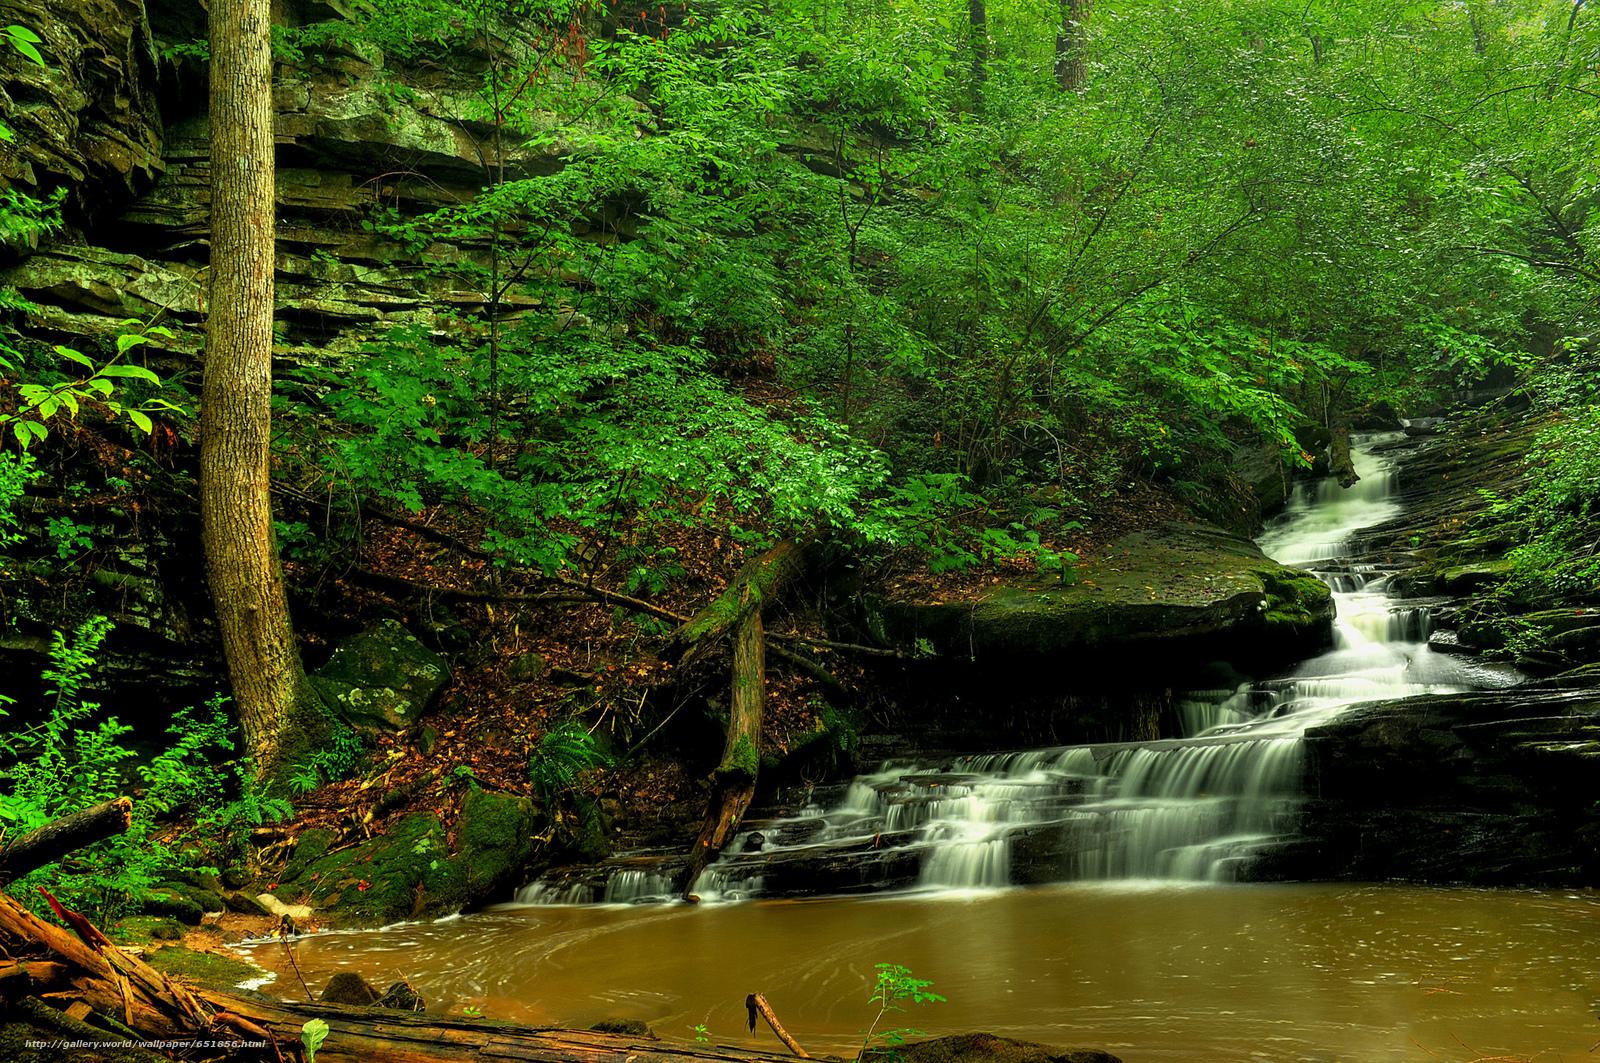 Download Hintergrund Wasserfall,  Rocks,  Fluss,  Wald Freie desktop Tapeten in der Auflosung 2048x1361 — bild №651856